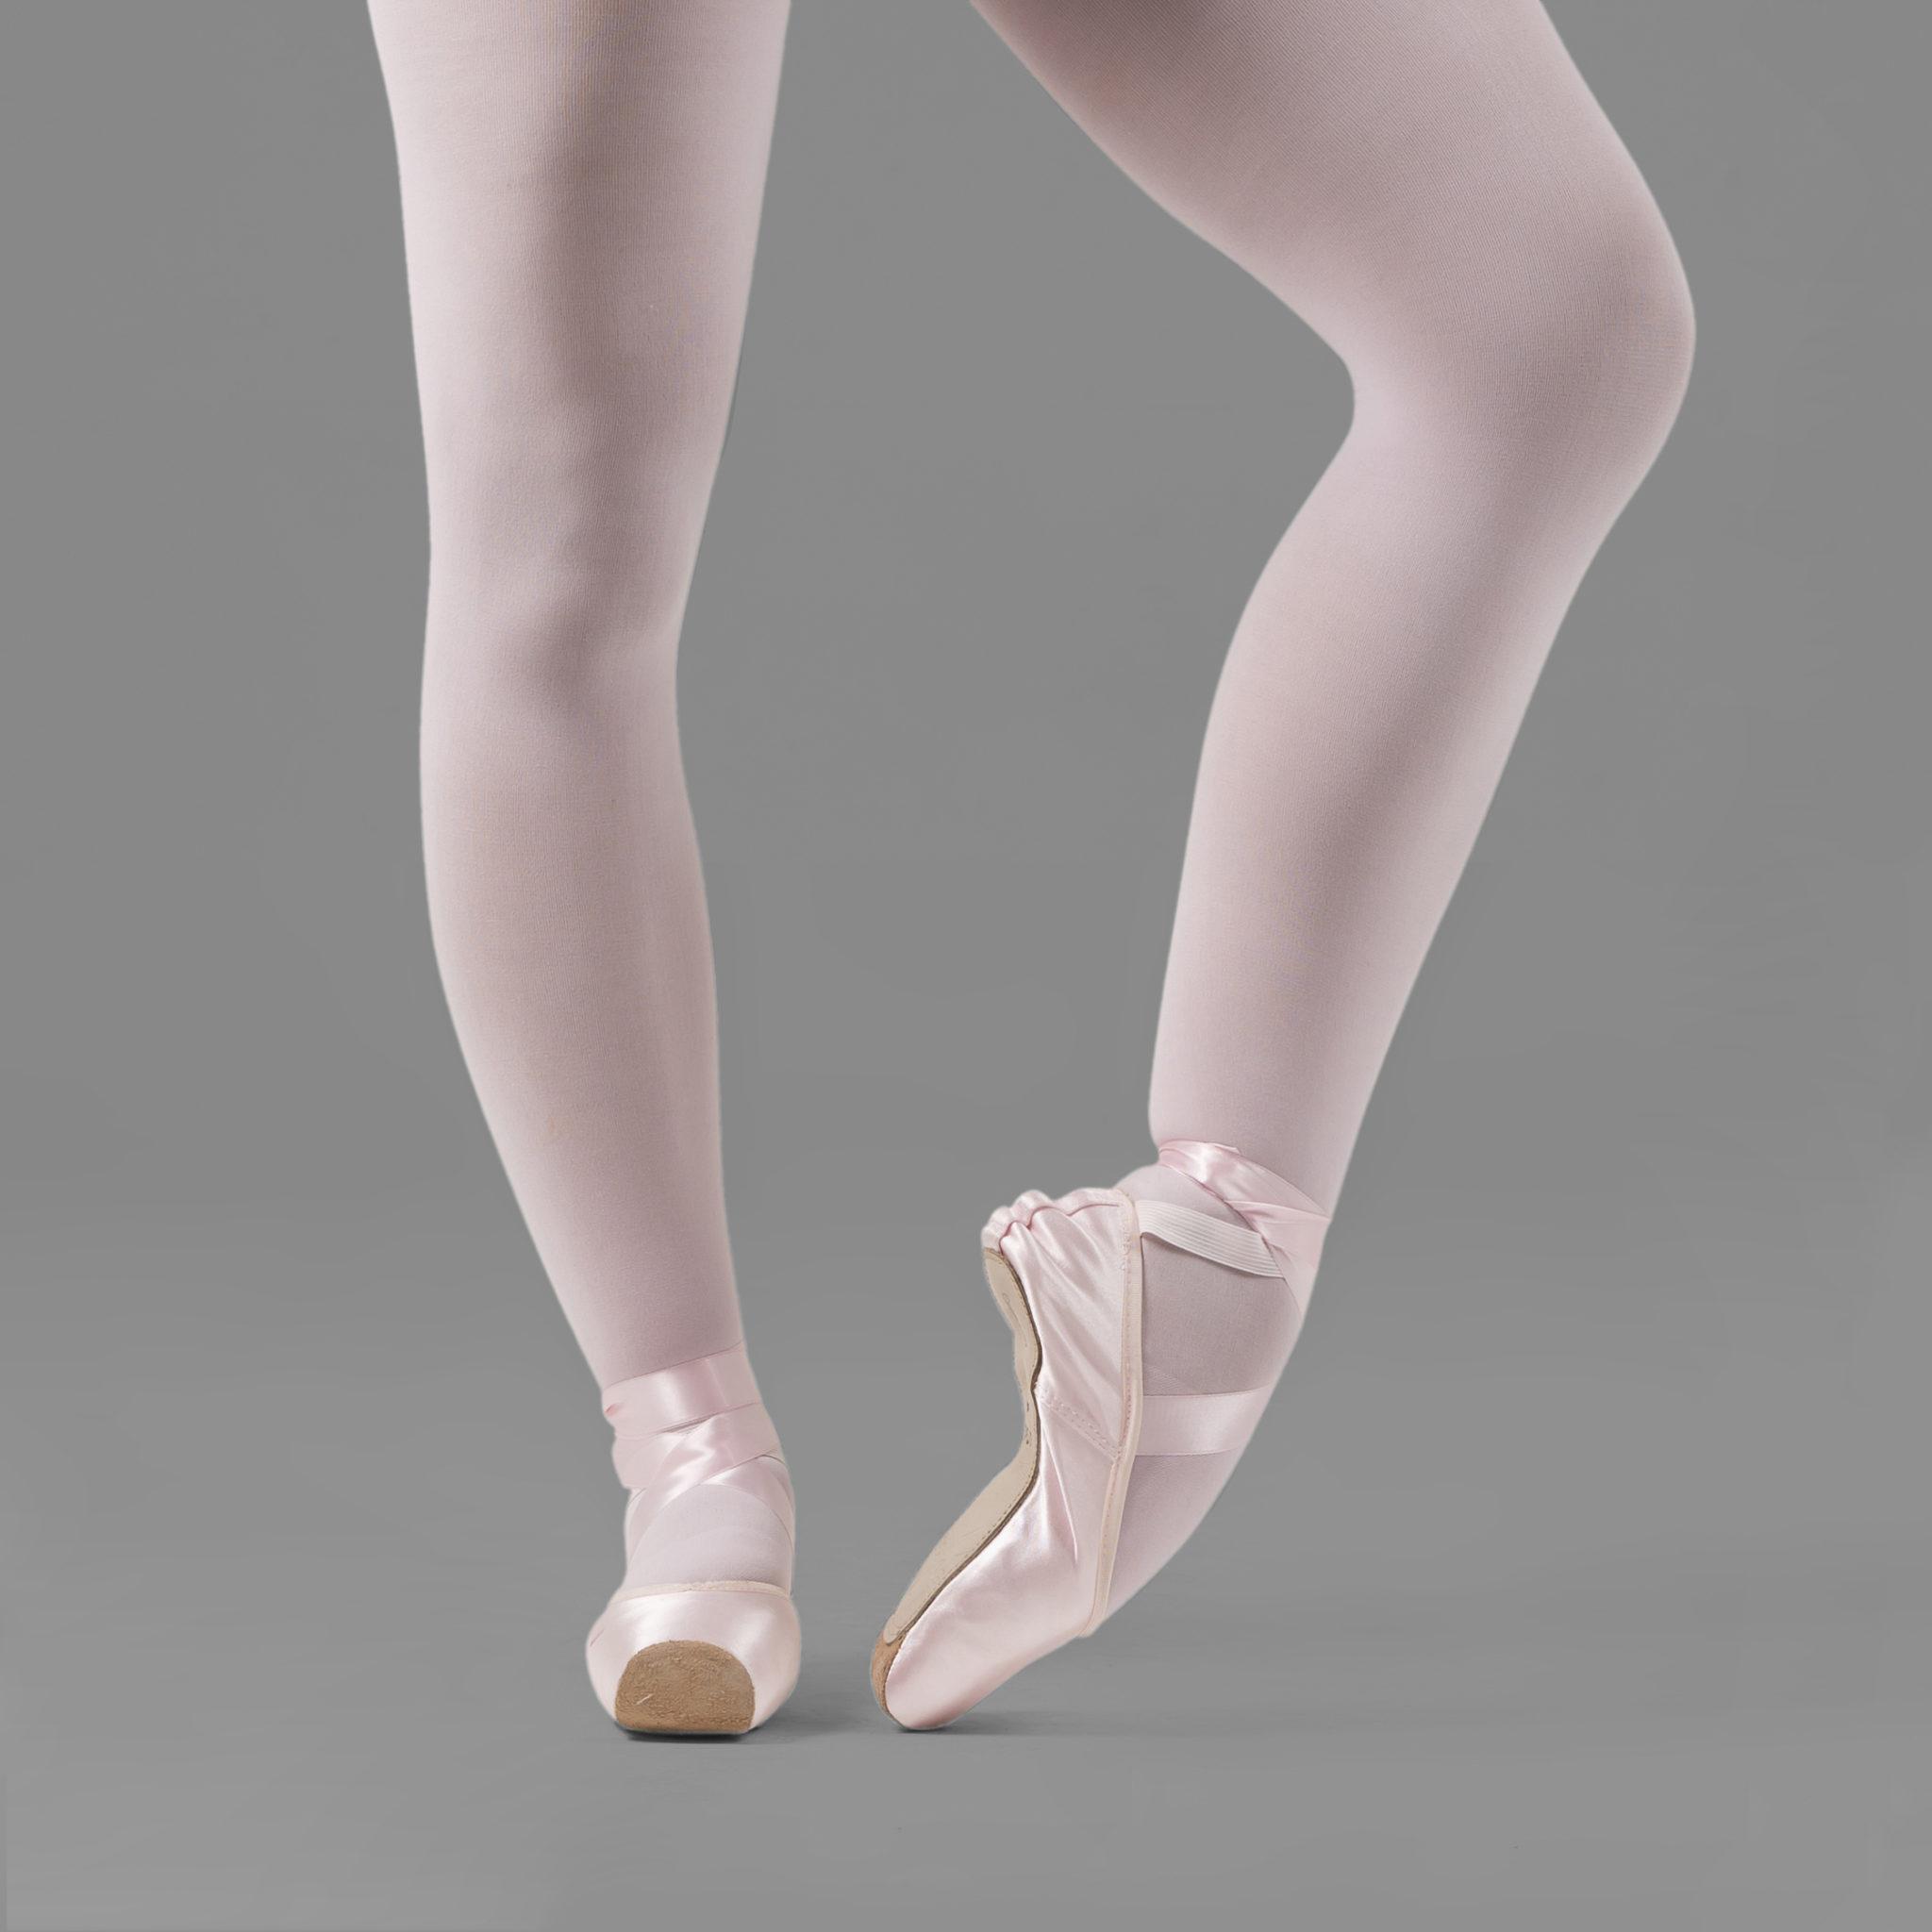 82c56dee47 Sapatilha de Ponta Estudante - Essential - 24 - Evidence Ballet ...